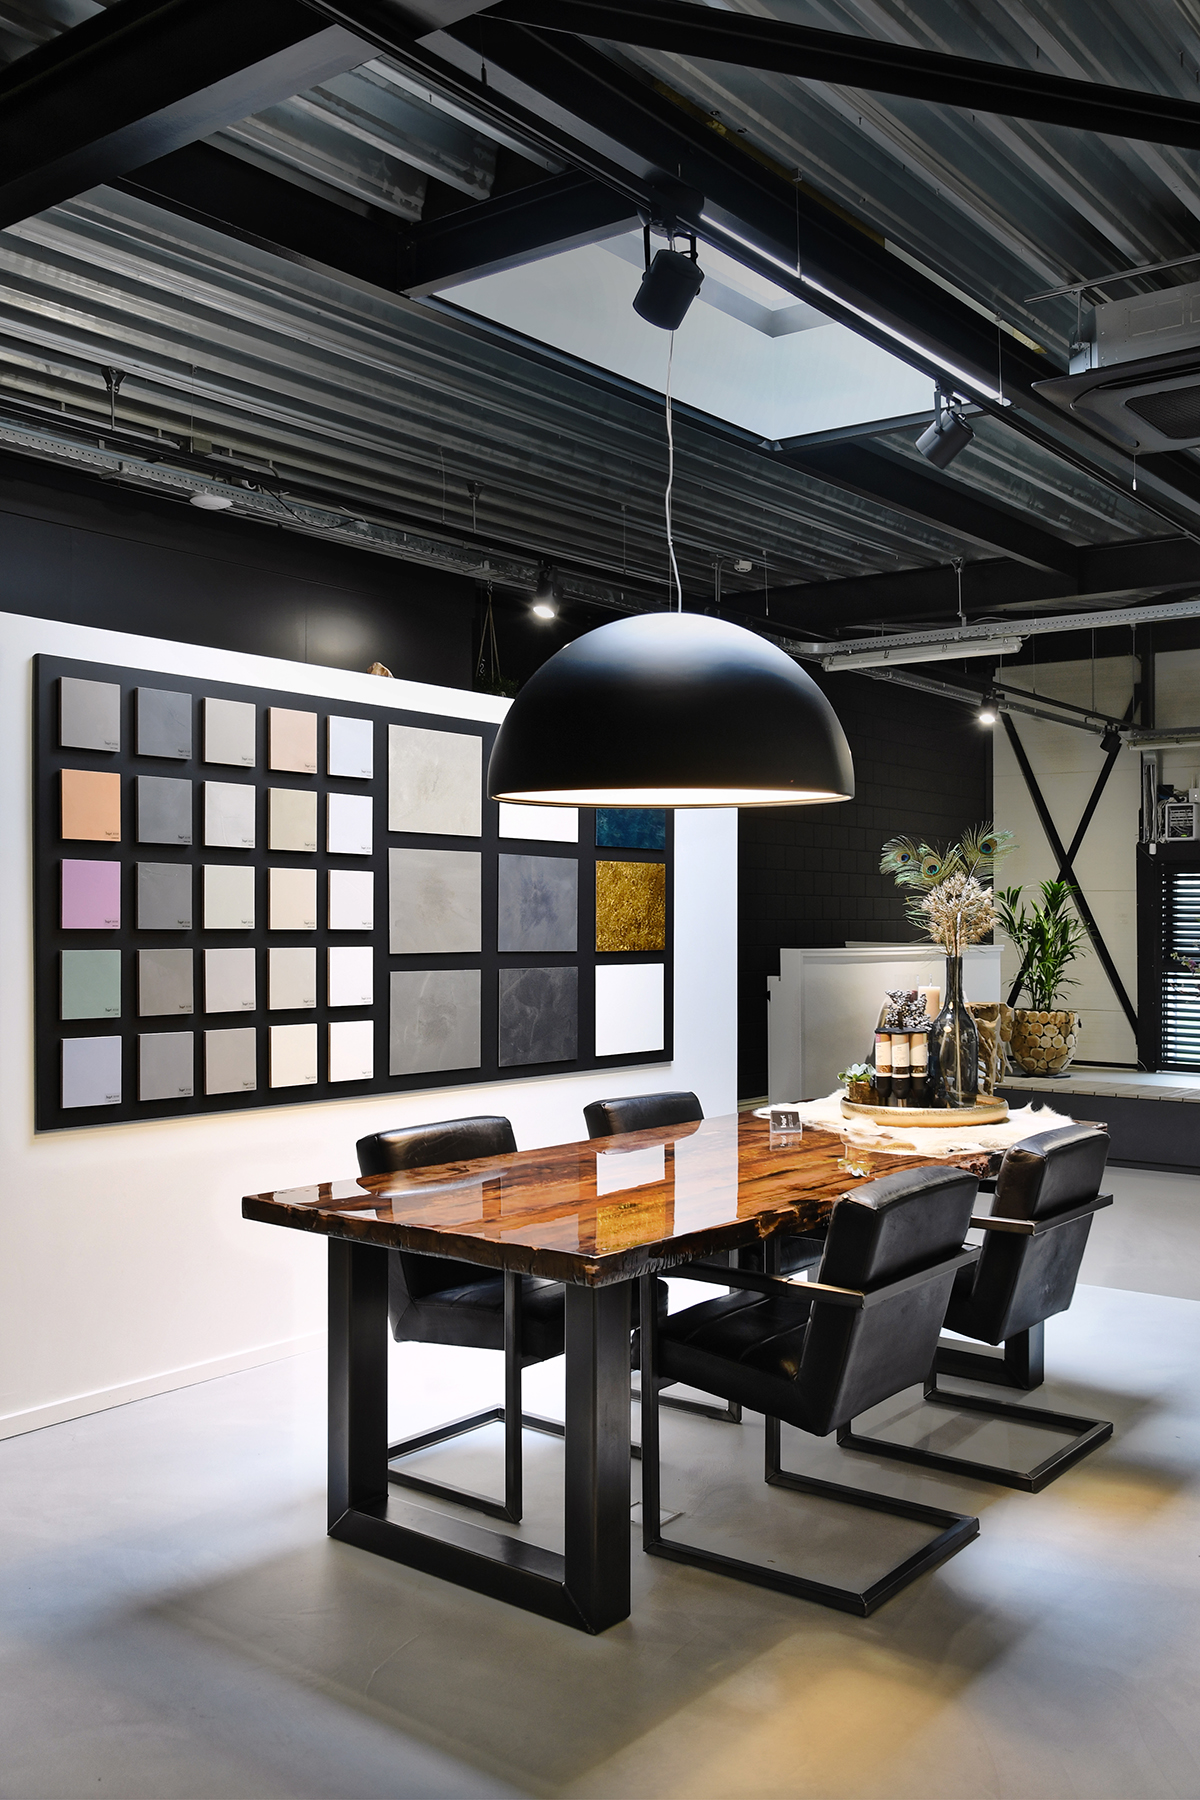 B-Art Gietvloeren, gietvloer, duurzaam, showroom